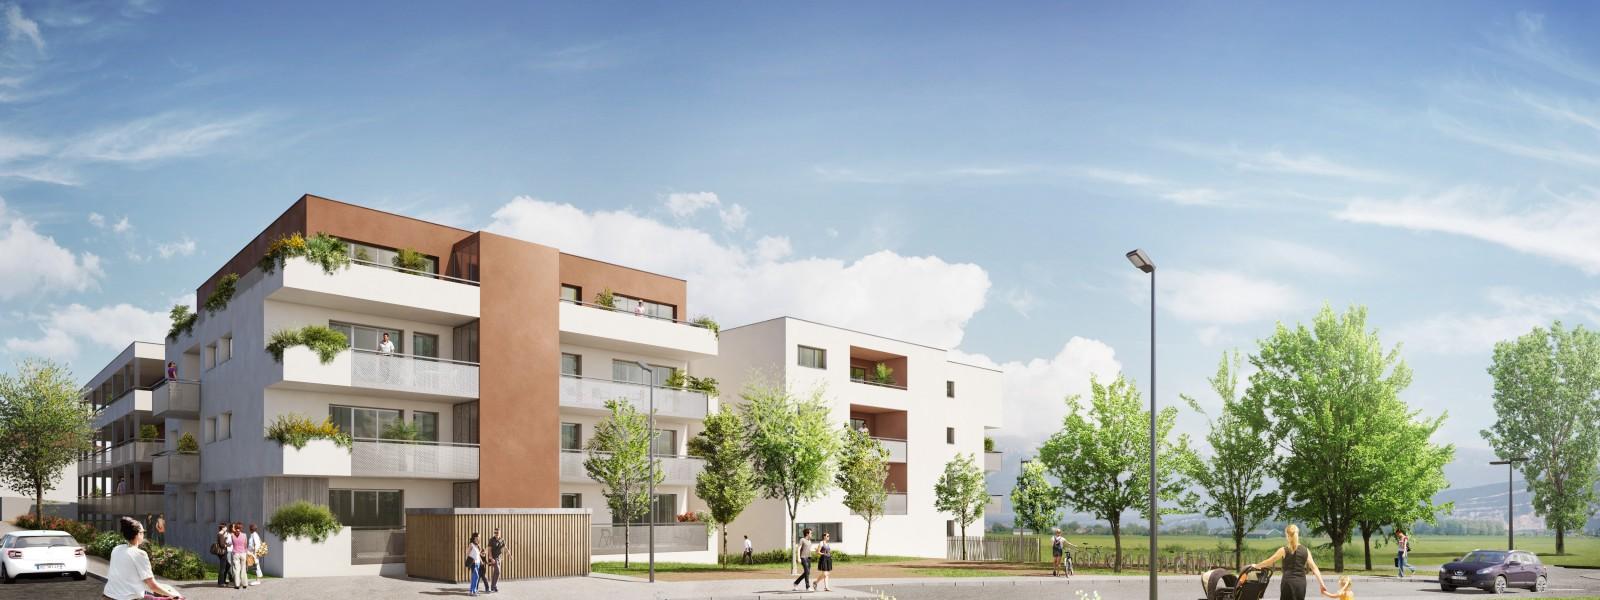 LE PERISSODE - Visuel 1 - Impact immobilier 01